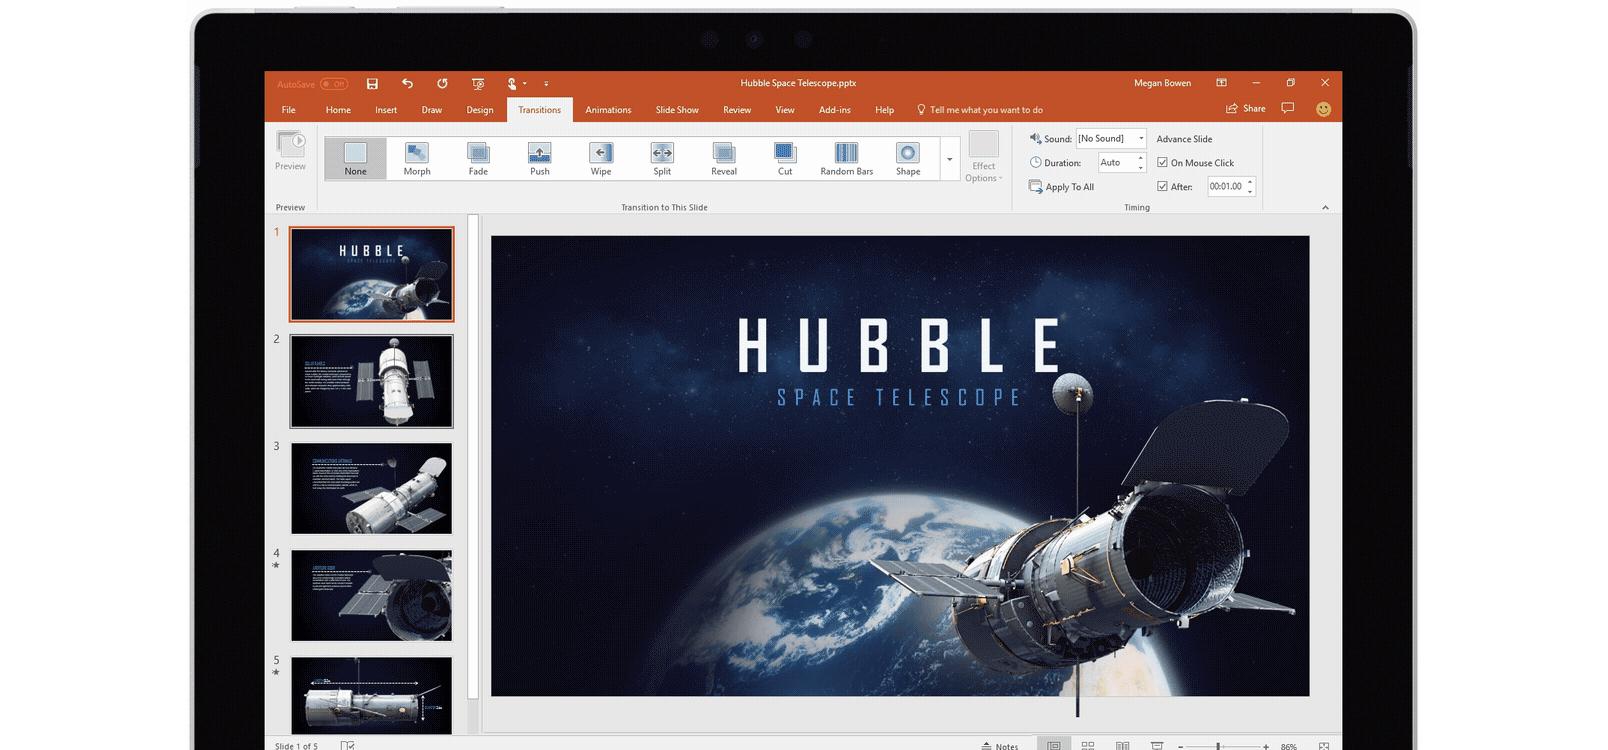 Ecrã de tablet que mostra a transição Modificação a ser utilizada numa apresentação do PowerPoint sobre telescópios espaciais